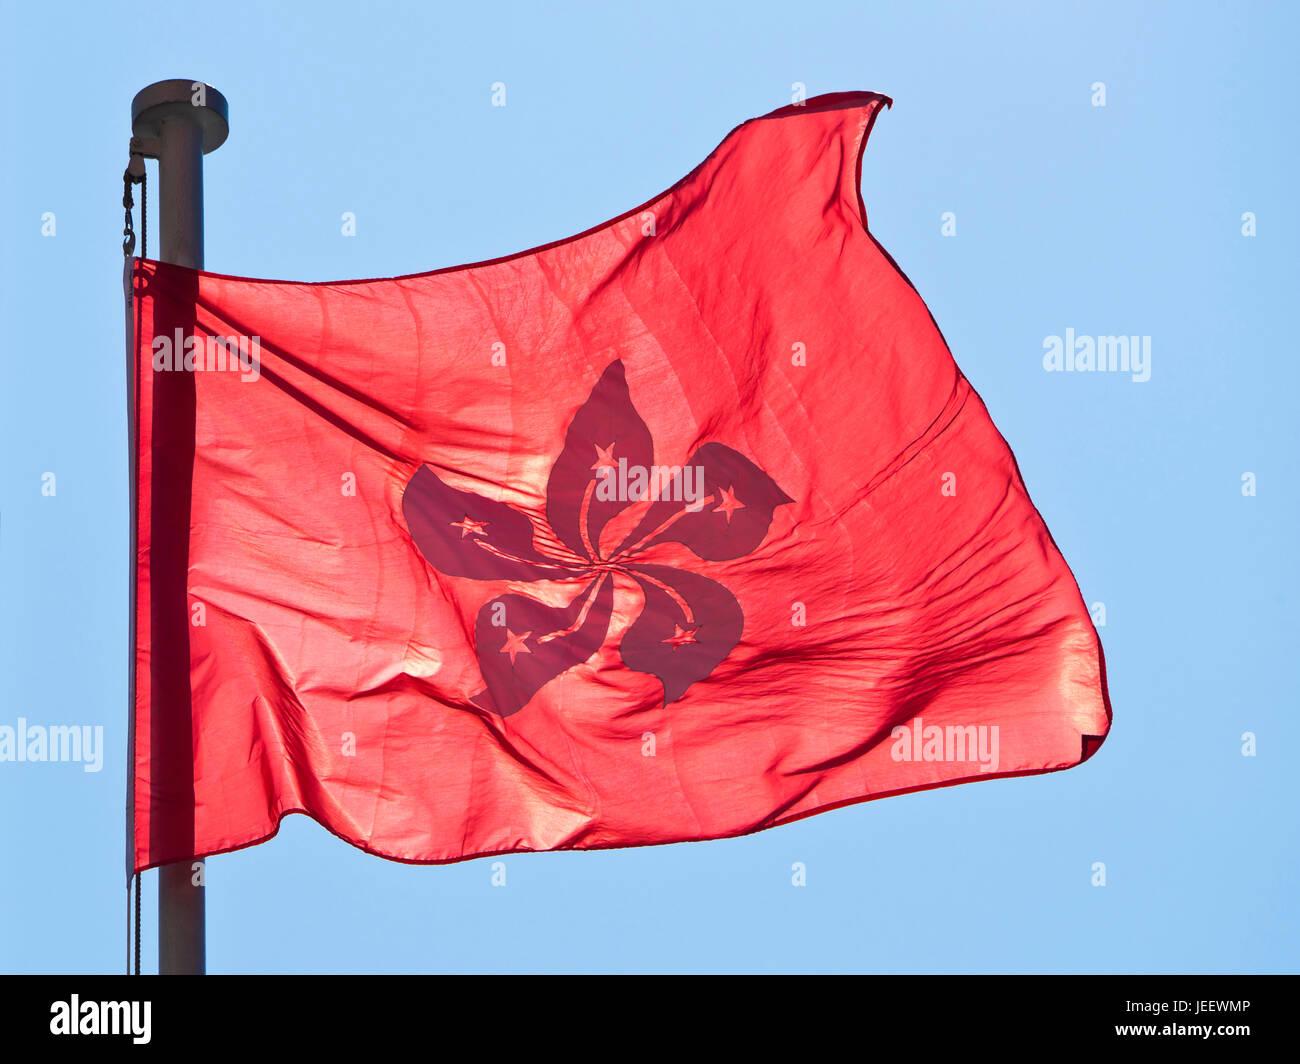 Horizontal close up view of the new national flag of Hong Kong, China. - Stock Image